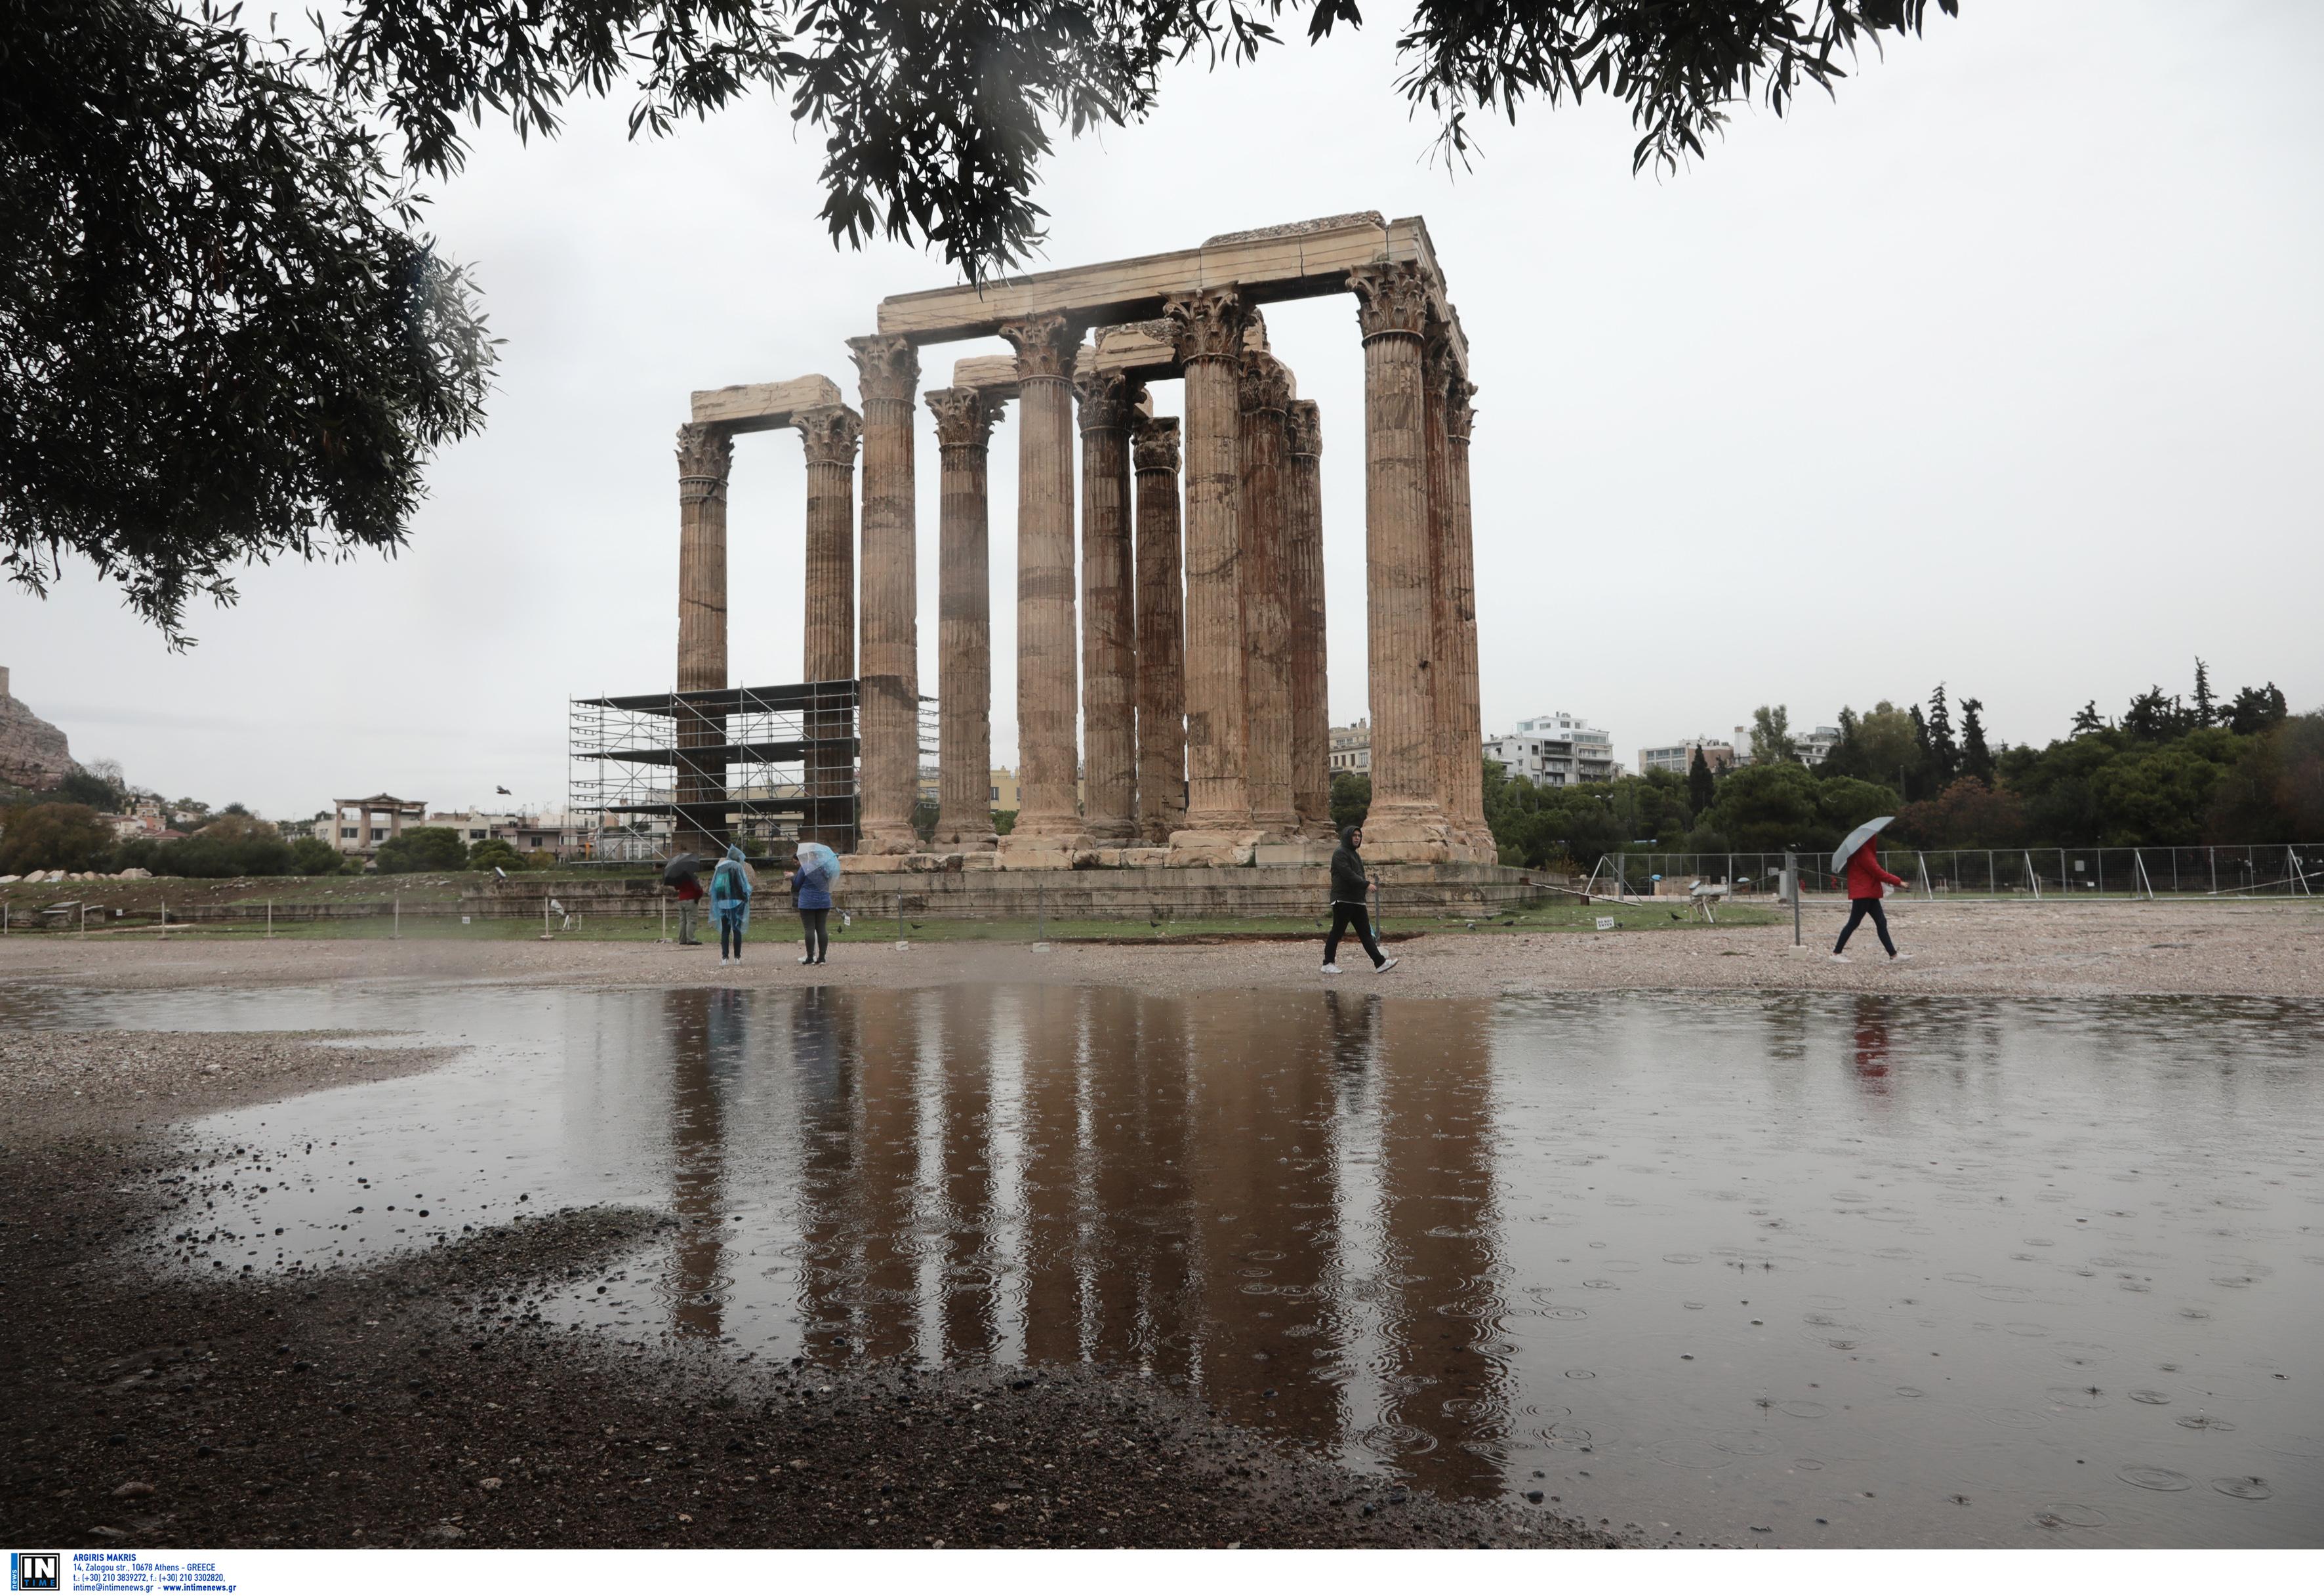 Τοπικές βροχές αύριο στα δυτικά και το Αιγαίο - Ανεβαίνει η θερμοκρασία